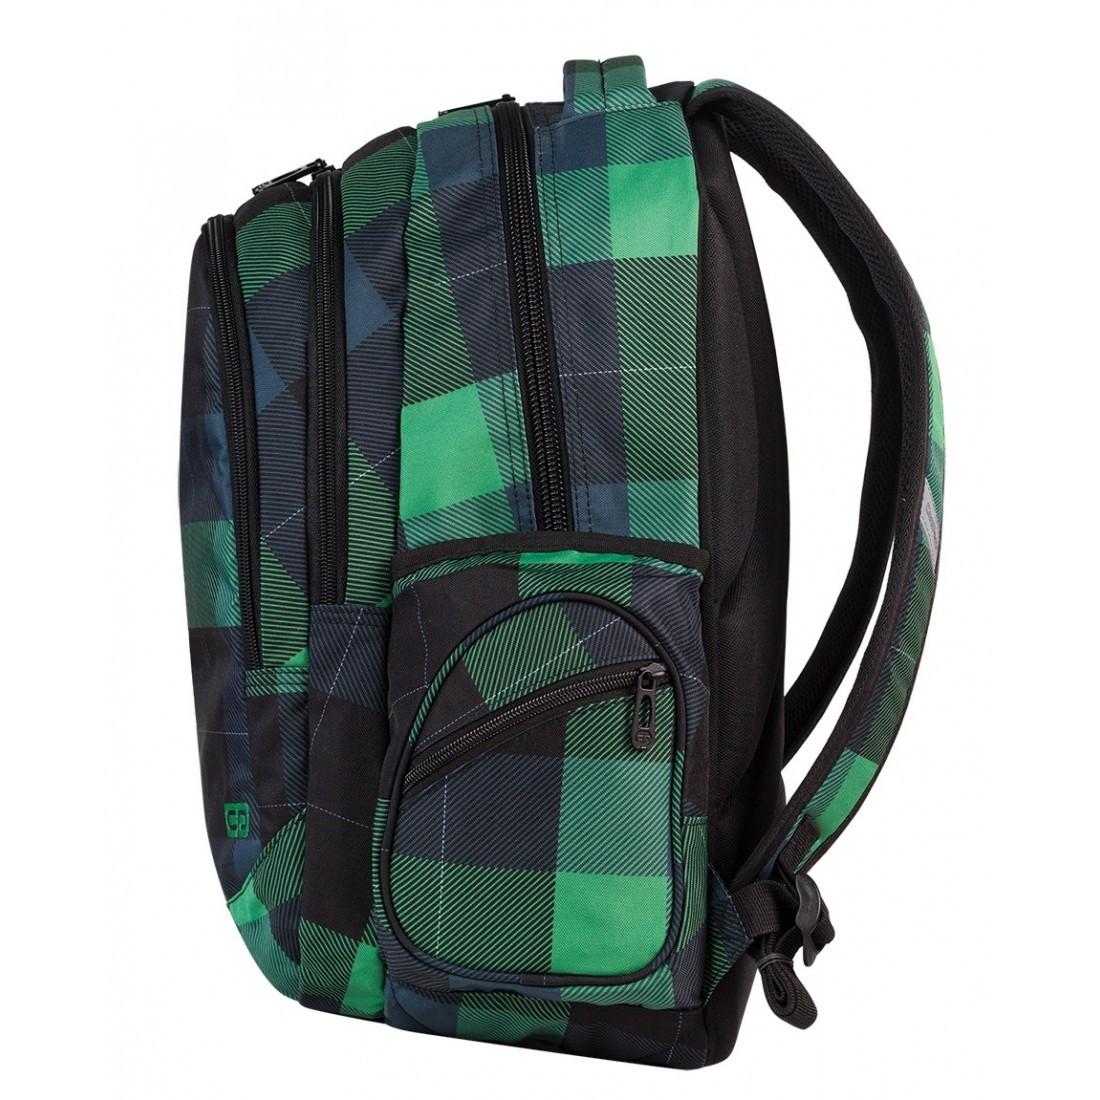 Plecak młodzieżowy CoolPack 3 przegrody LEADER OXFORD CP 492